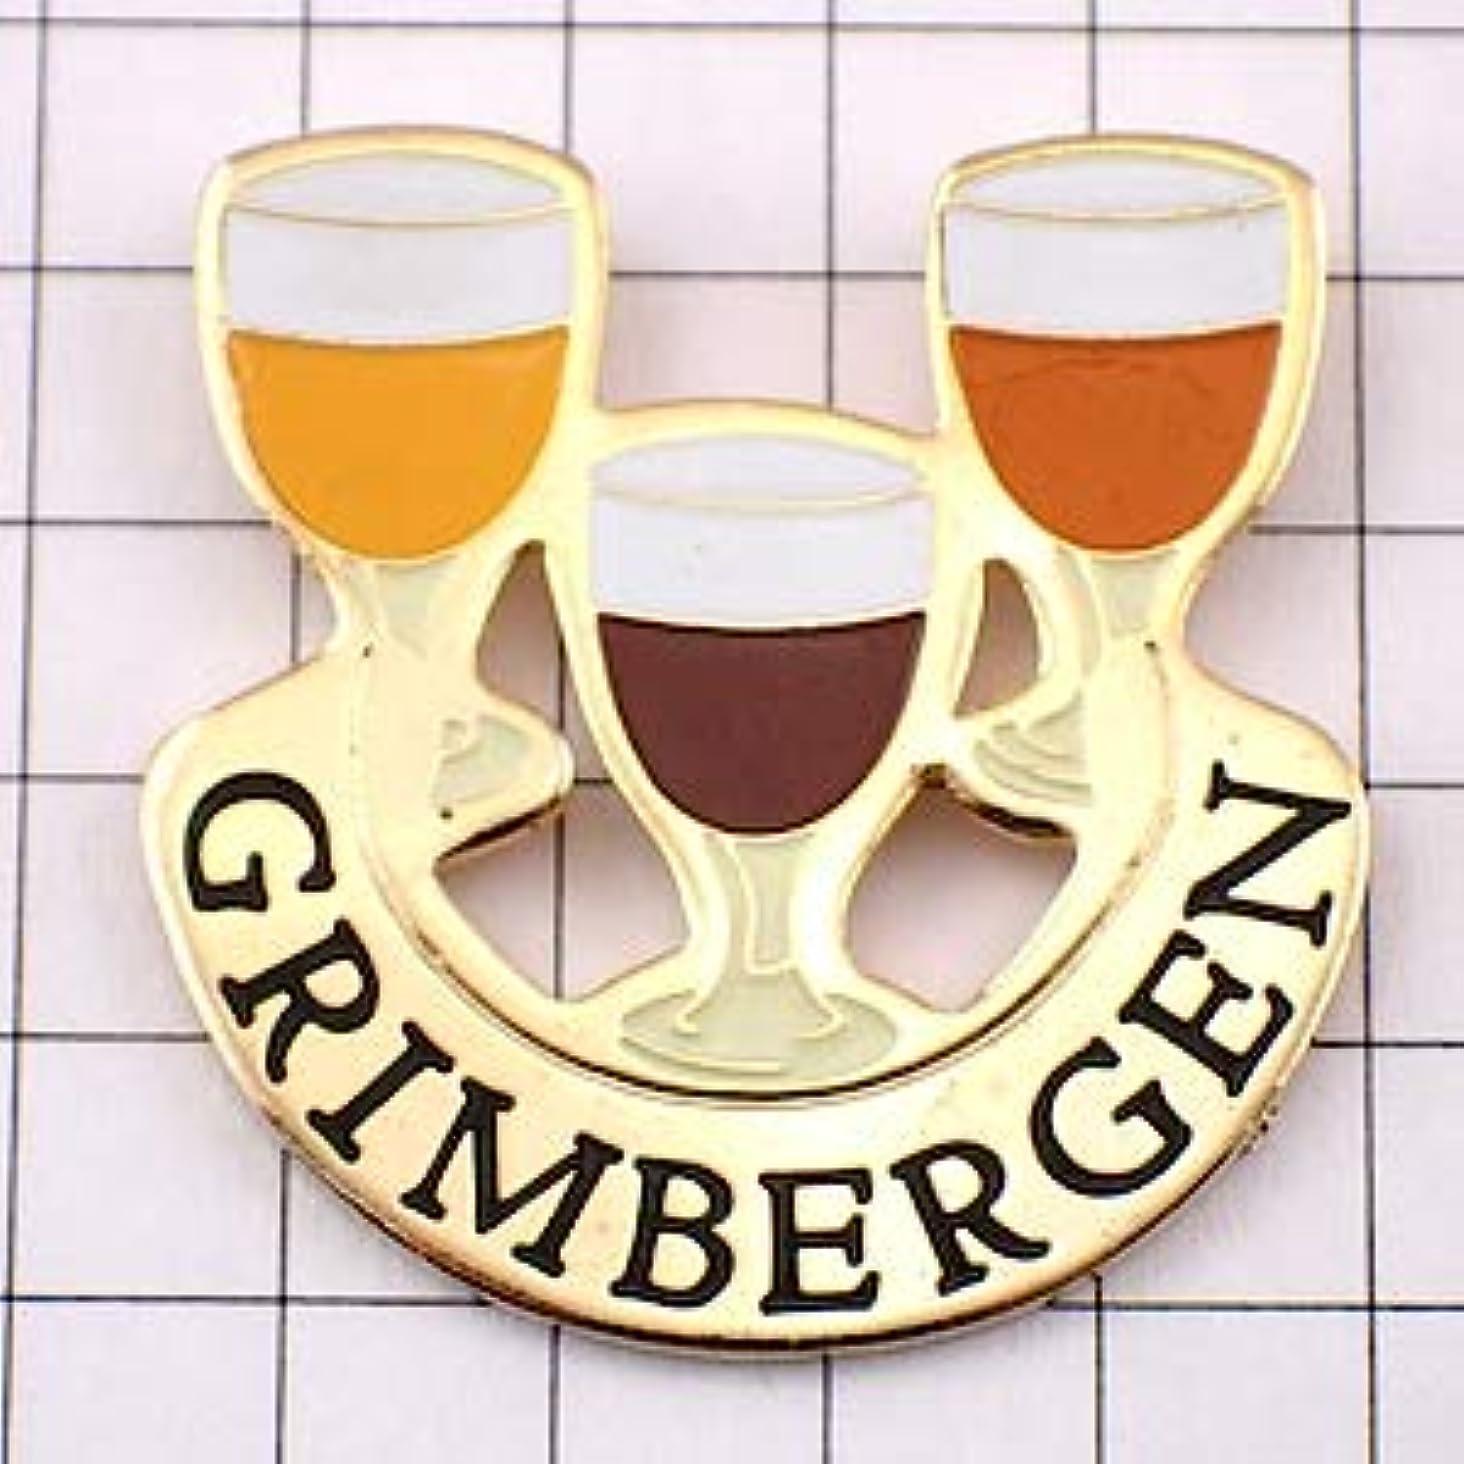 定義クッション隠限定 レア ピンバッジ ビール3色グラス3杯ベルギー酒 ピンズ フランス